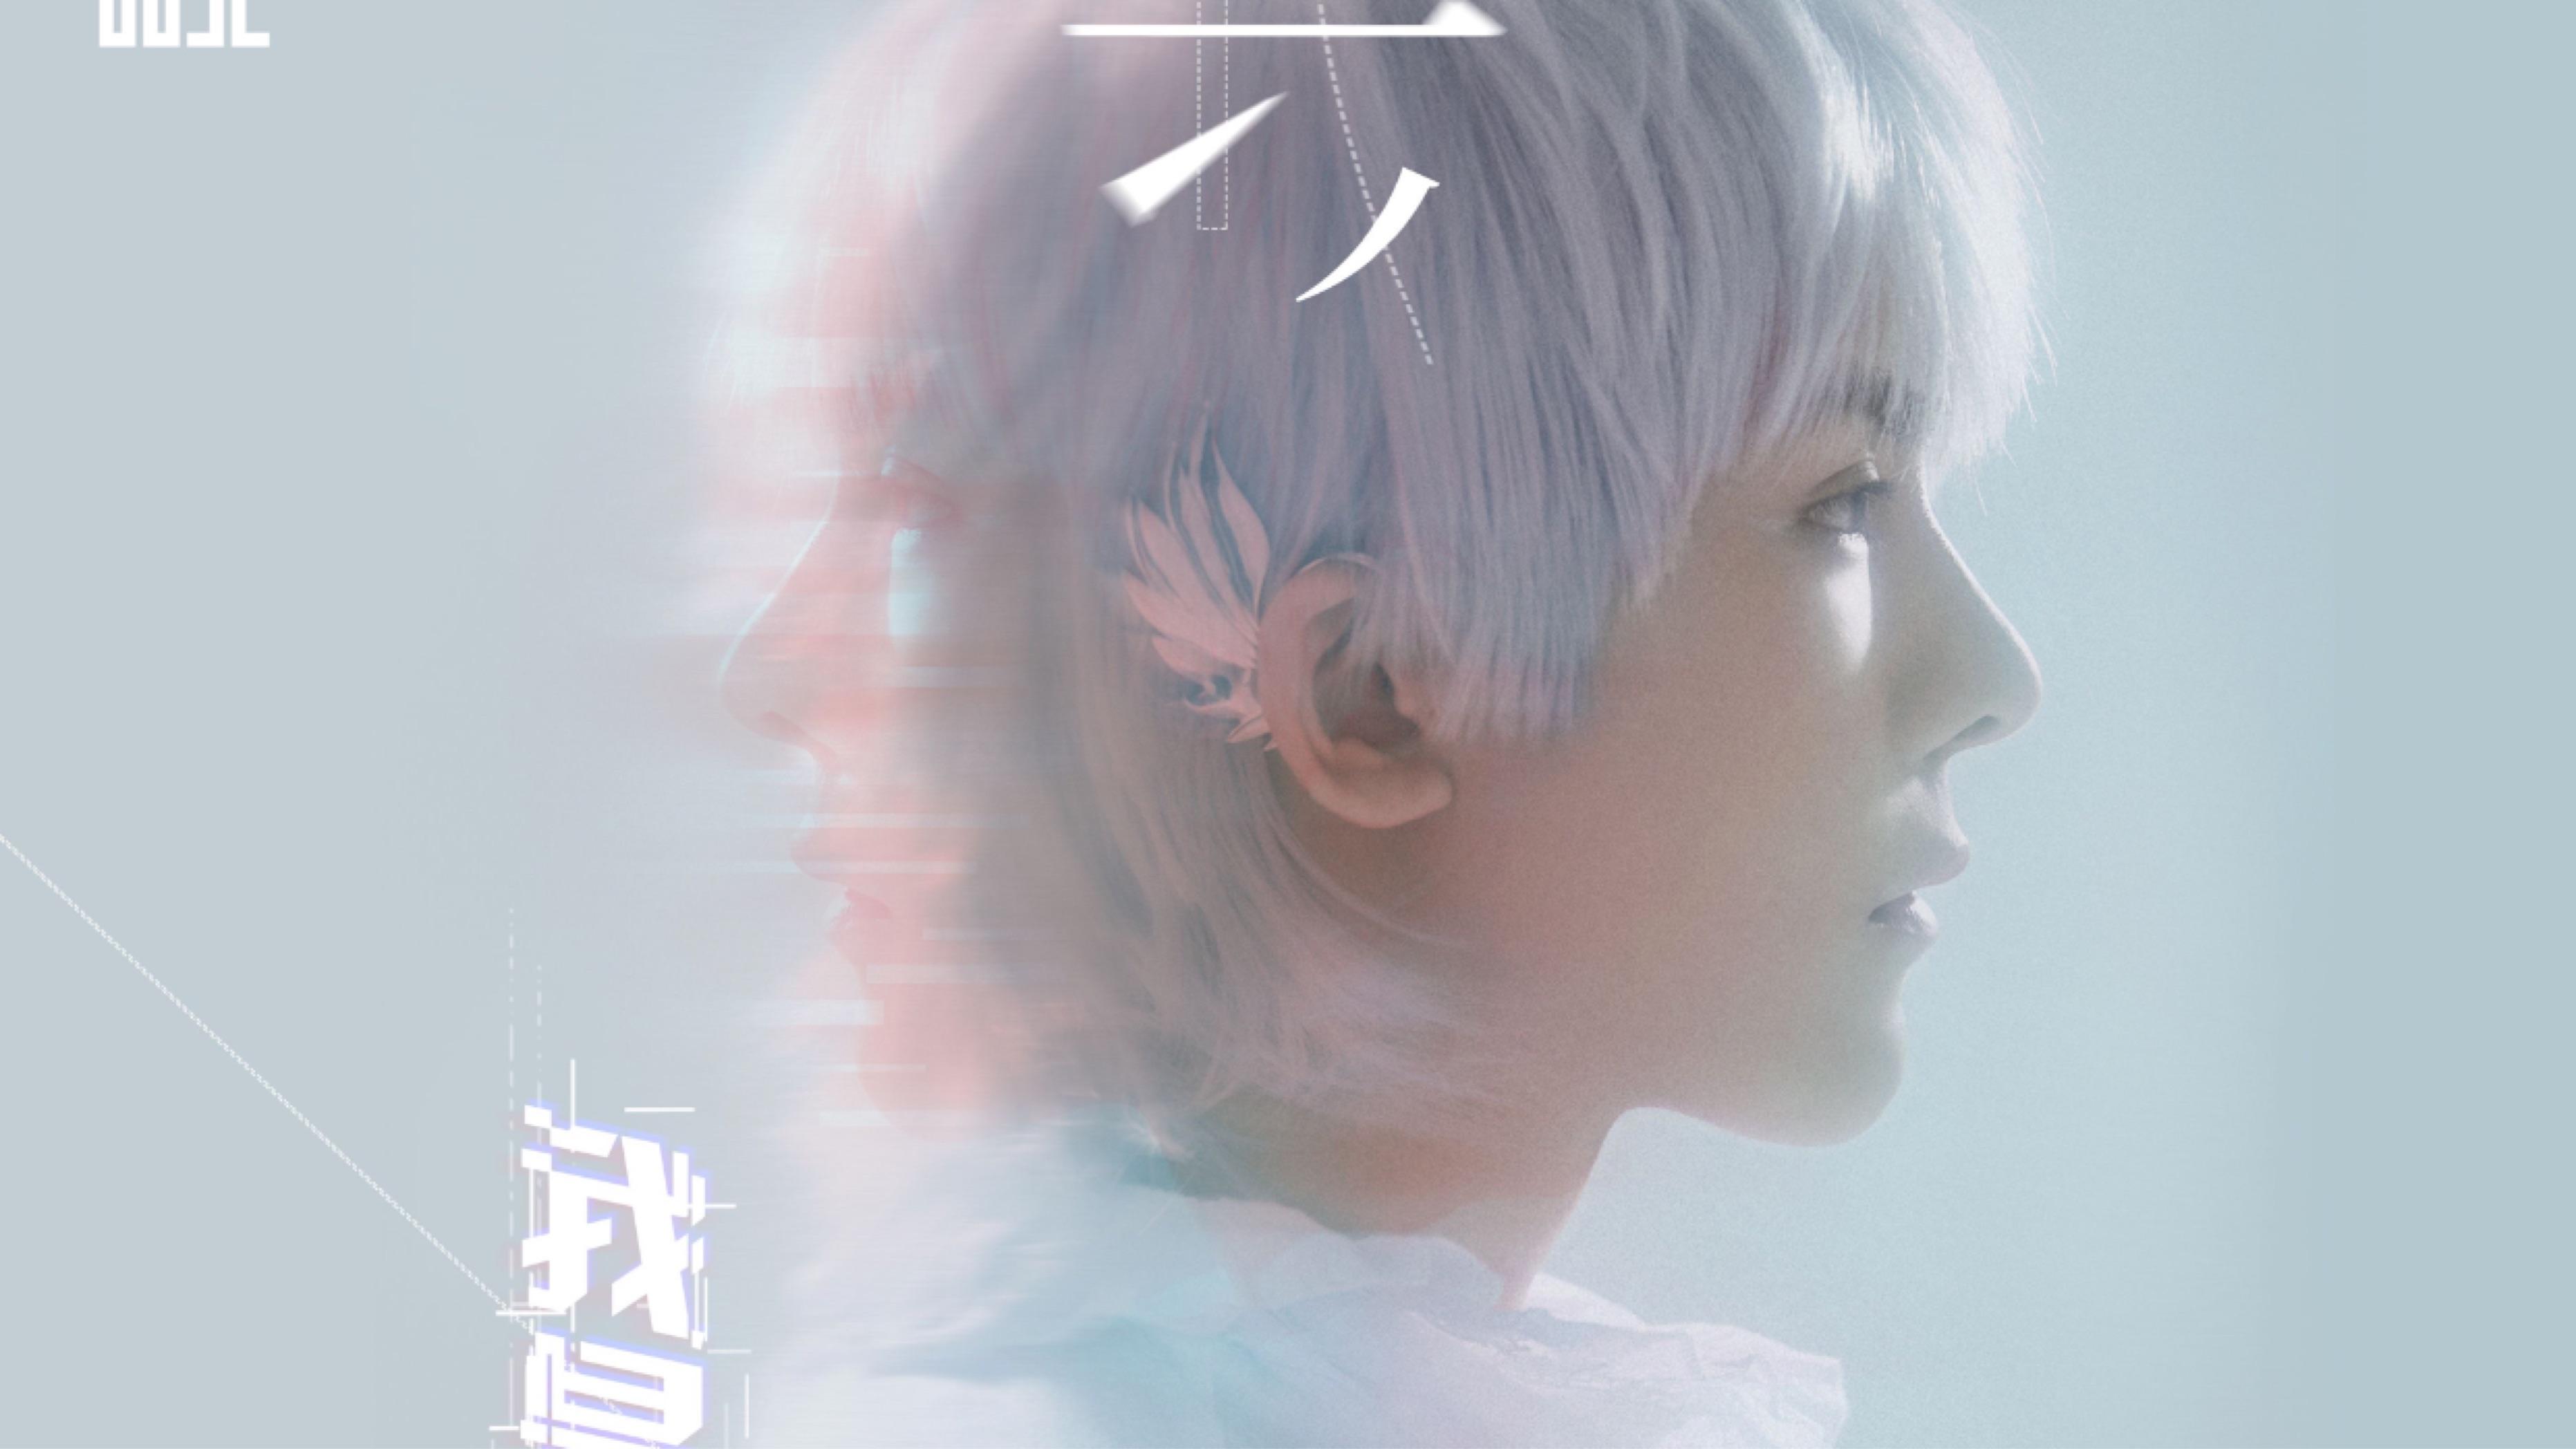 主的道路我去走_VFine音乐定制 | 偶像男歌手王艺龙发布首支个人单曲《我是我的 ...